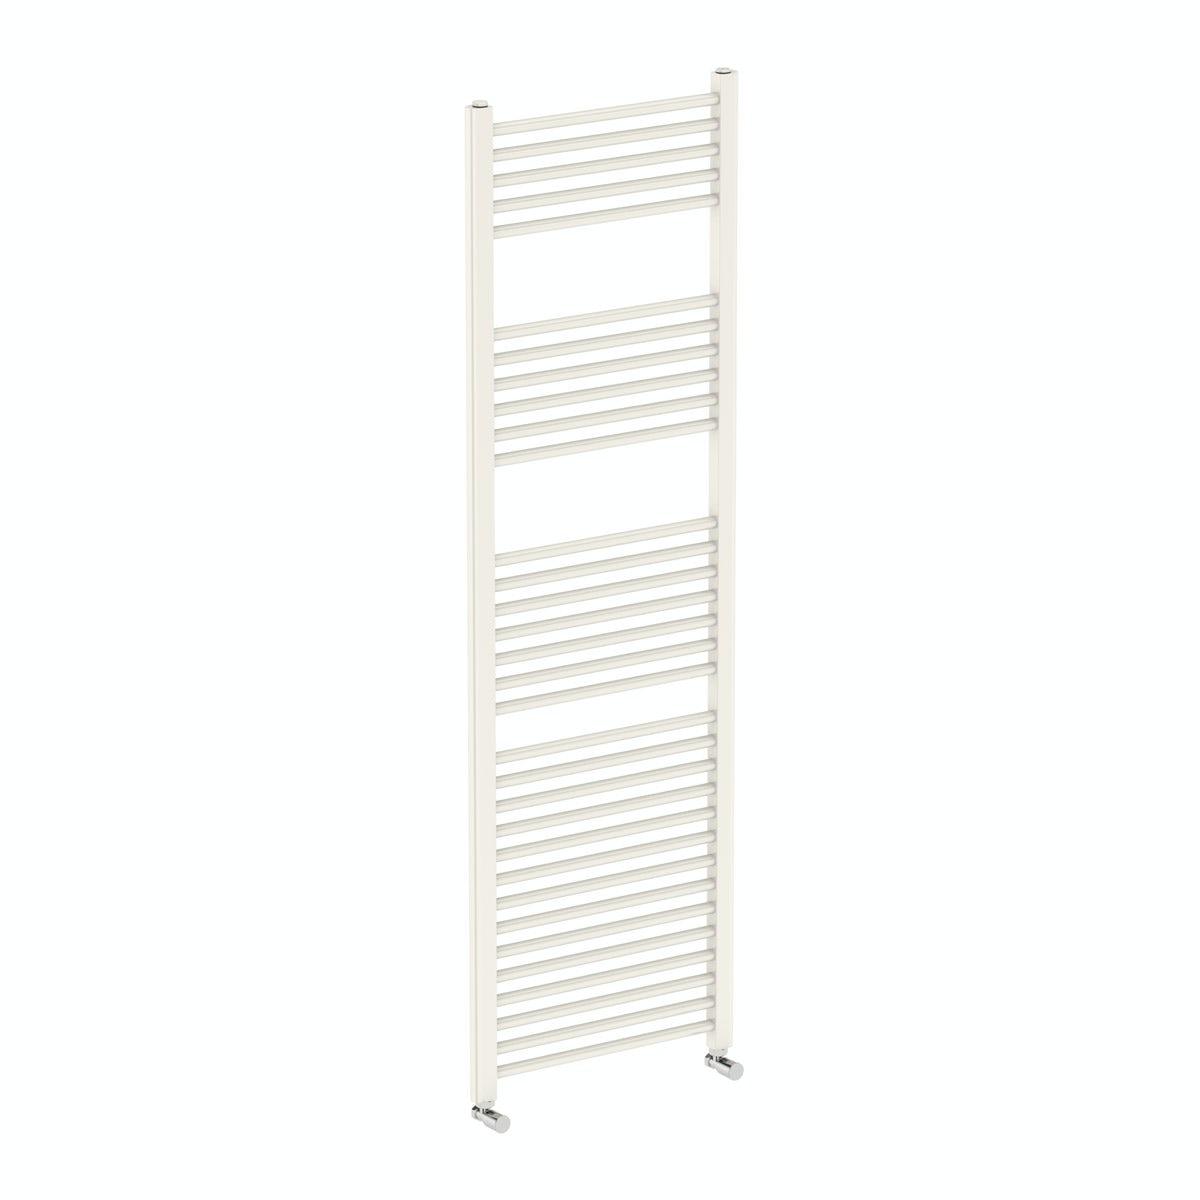 Eden round white heated towel rail 1600 x 500